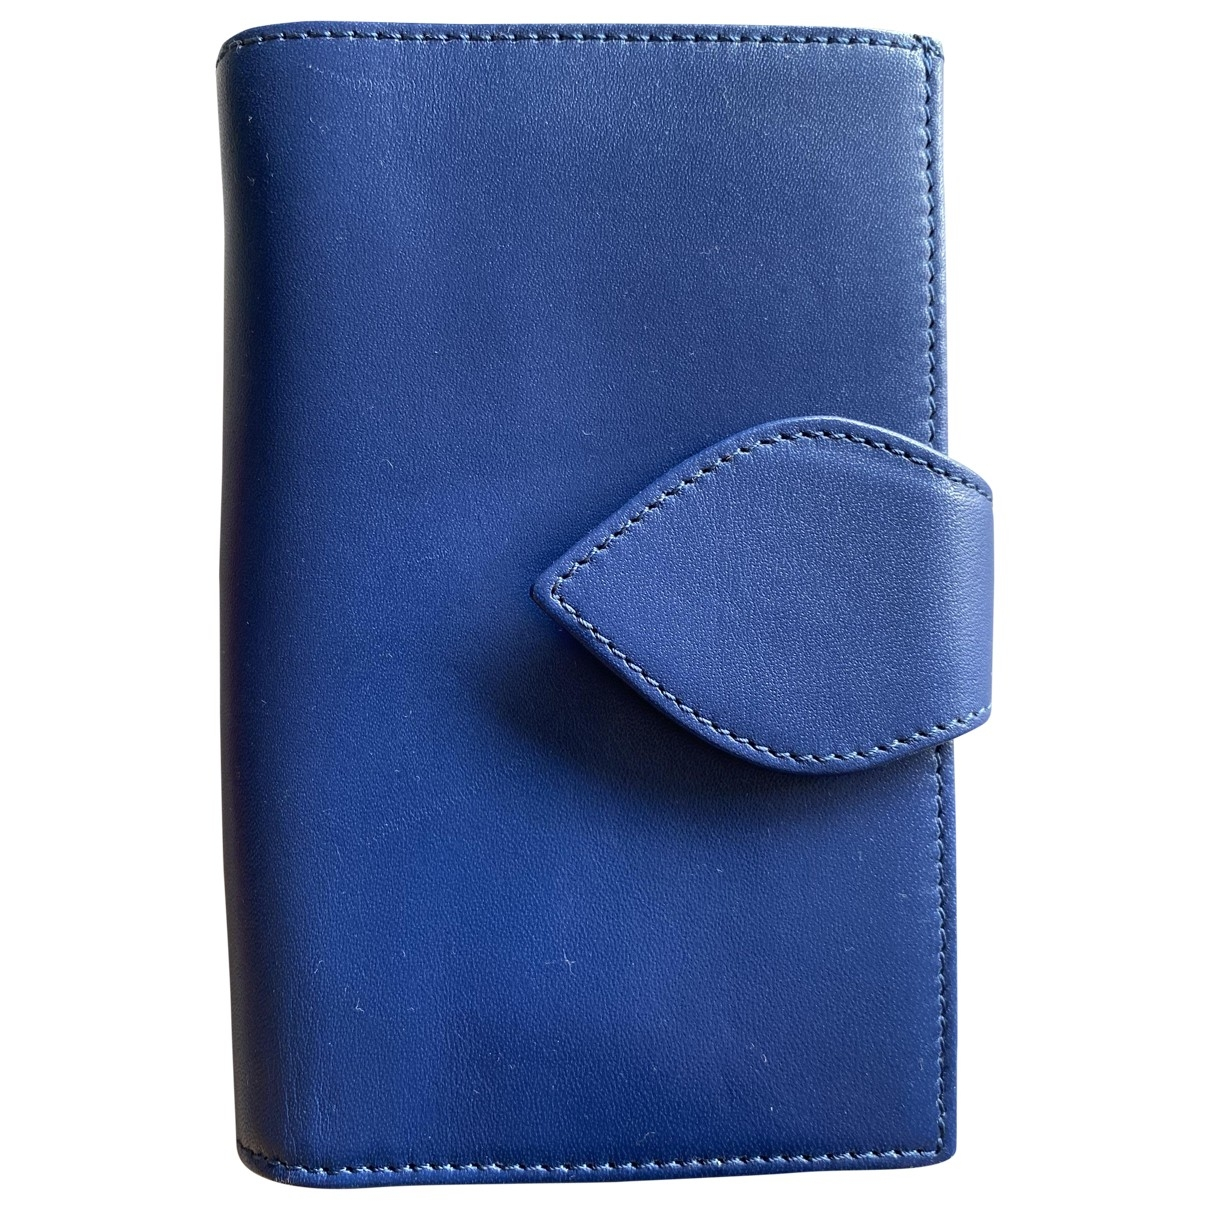 Apc - Portefeuille   pour femme en cuir - bleu